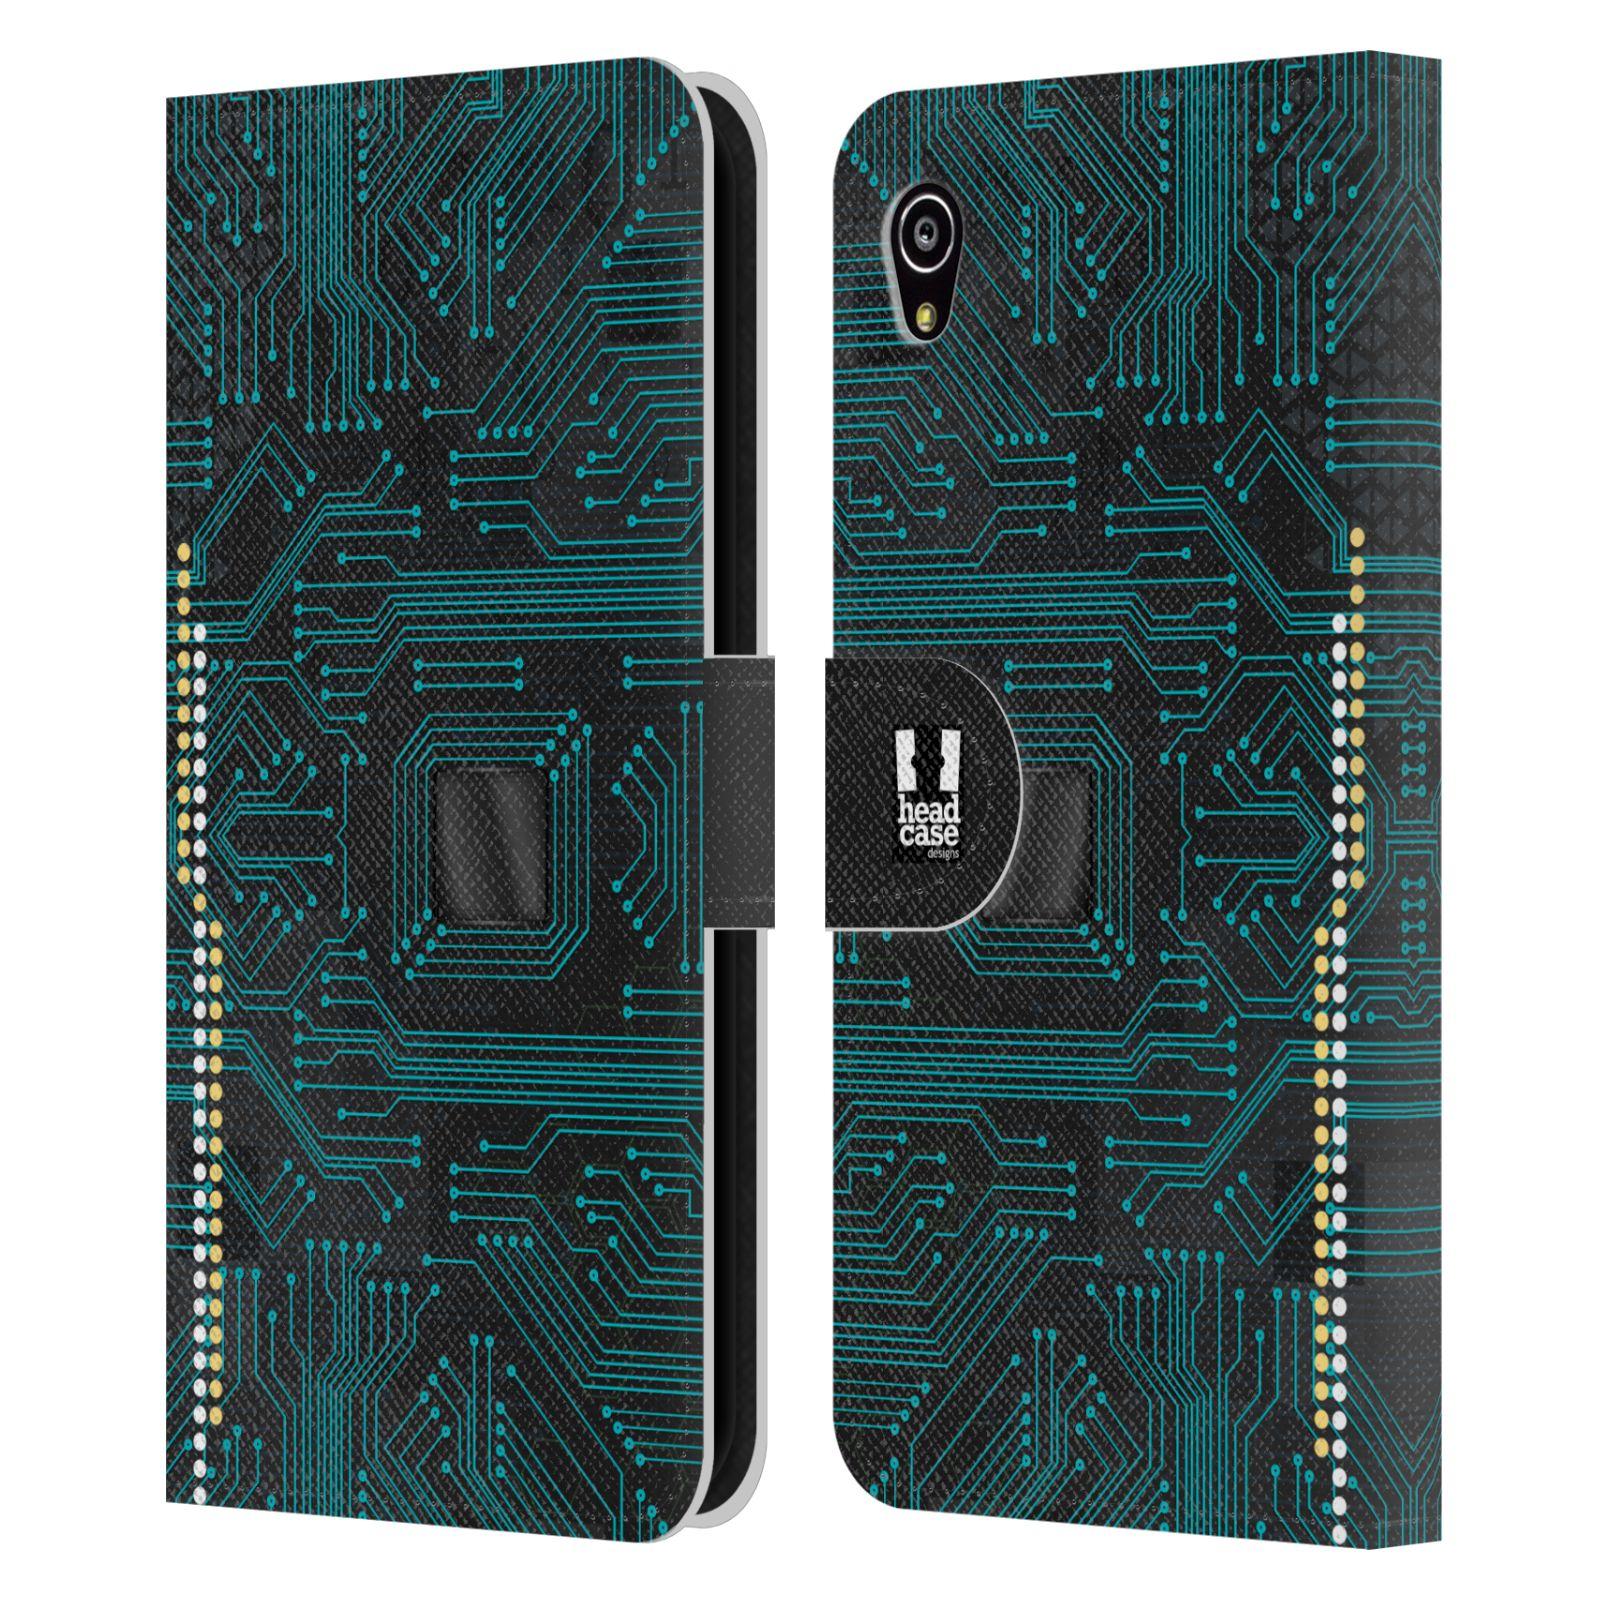 HEAD CASE Flipové pouzdro pro mobil SONY XPERIA M4 AQUA počítač základní deska modrá barva